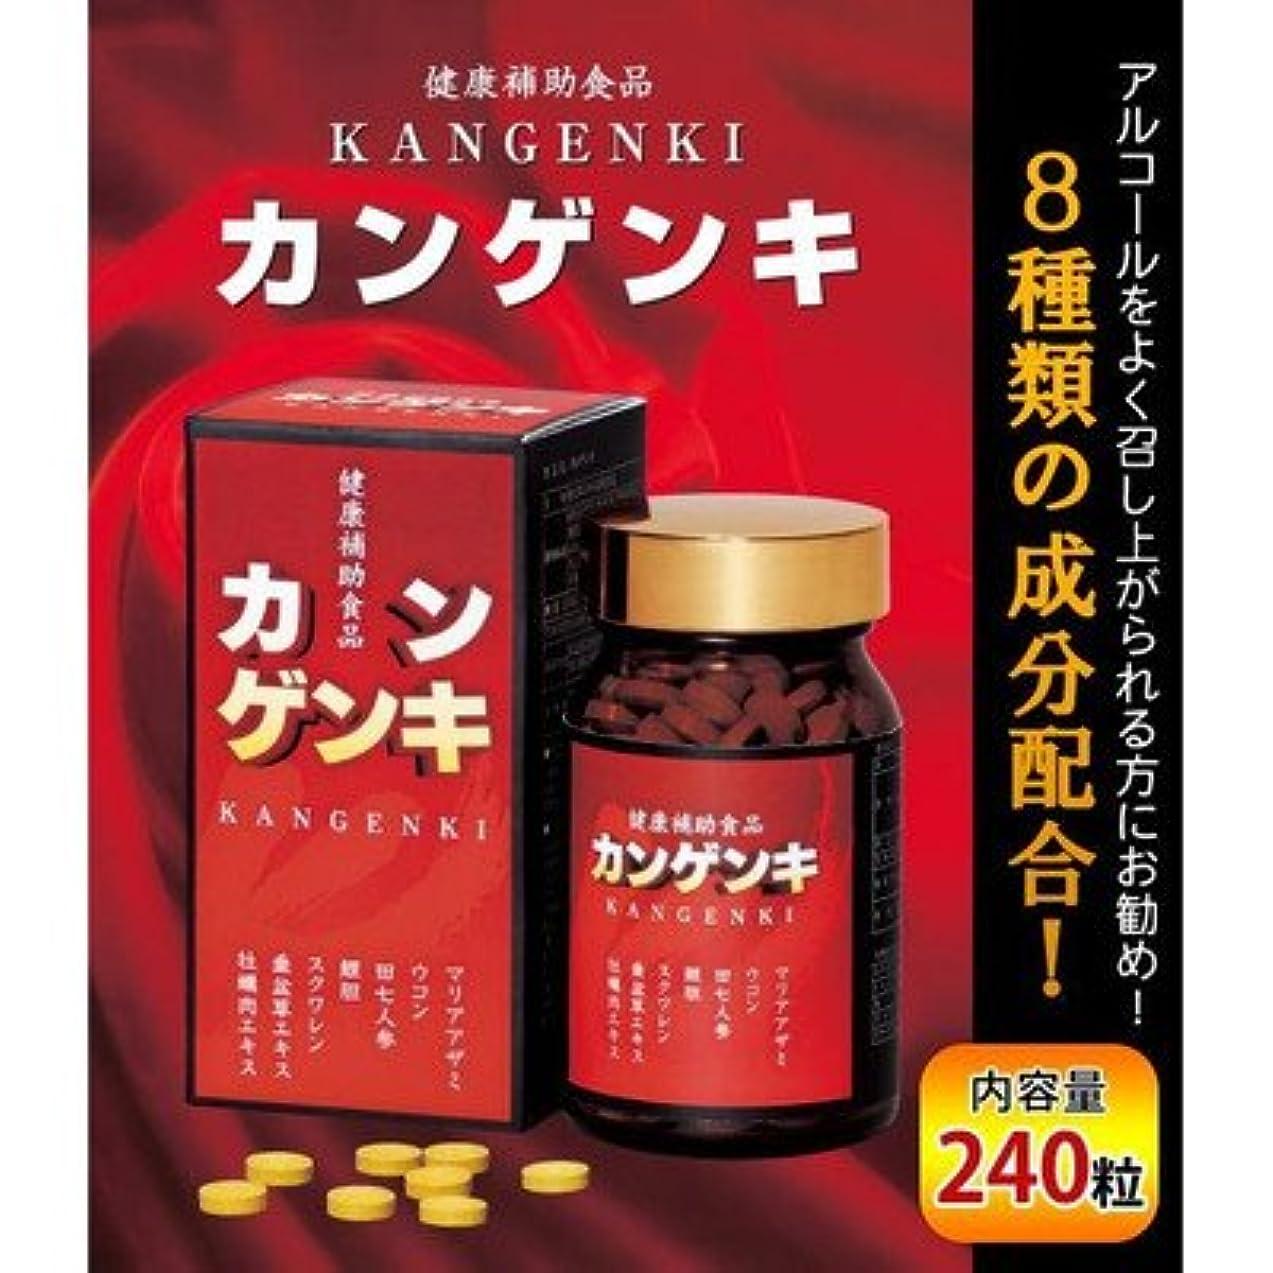 調べるタイヤシリンダーカンゲンキ 240粒 (健康補助食品)